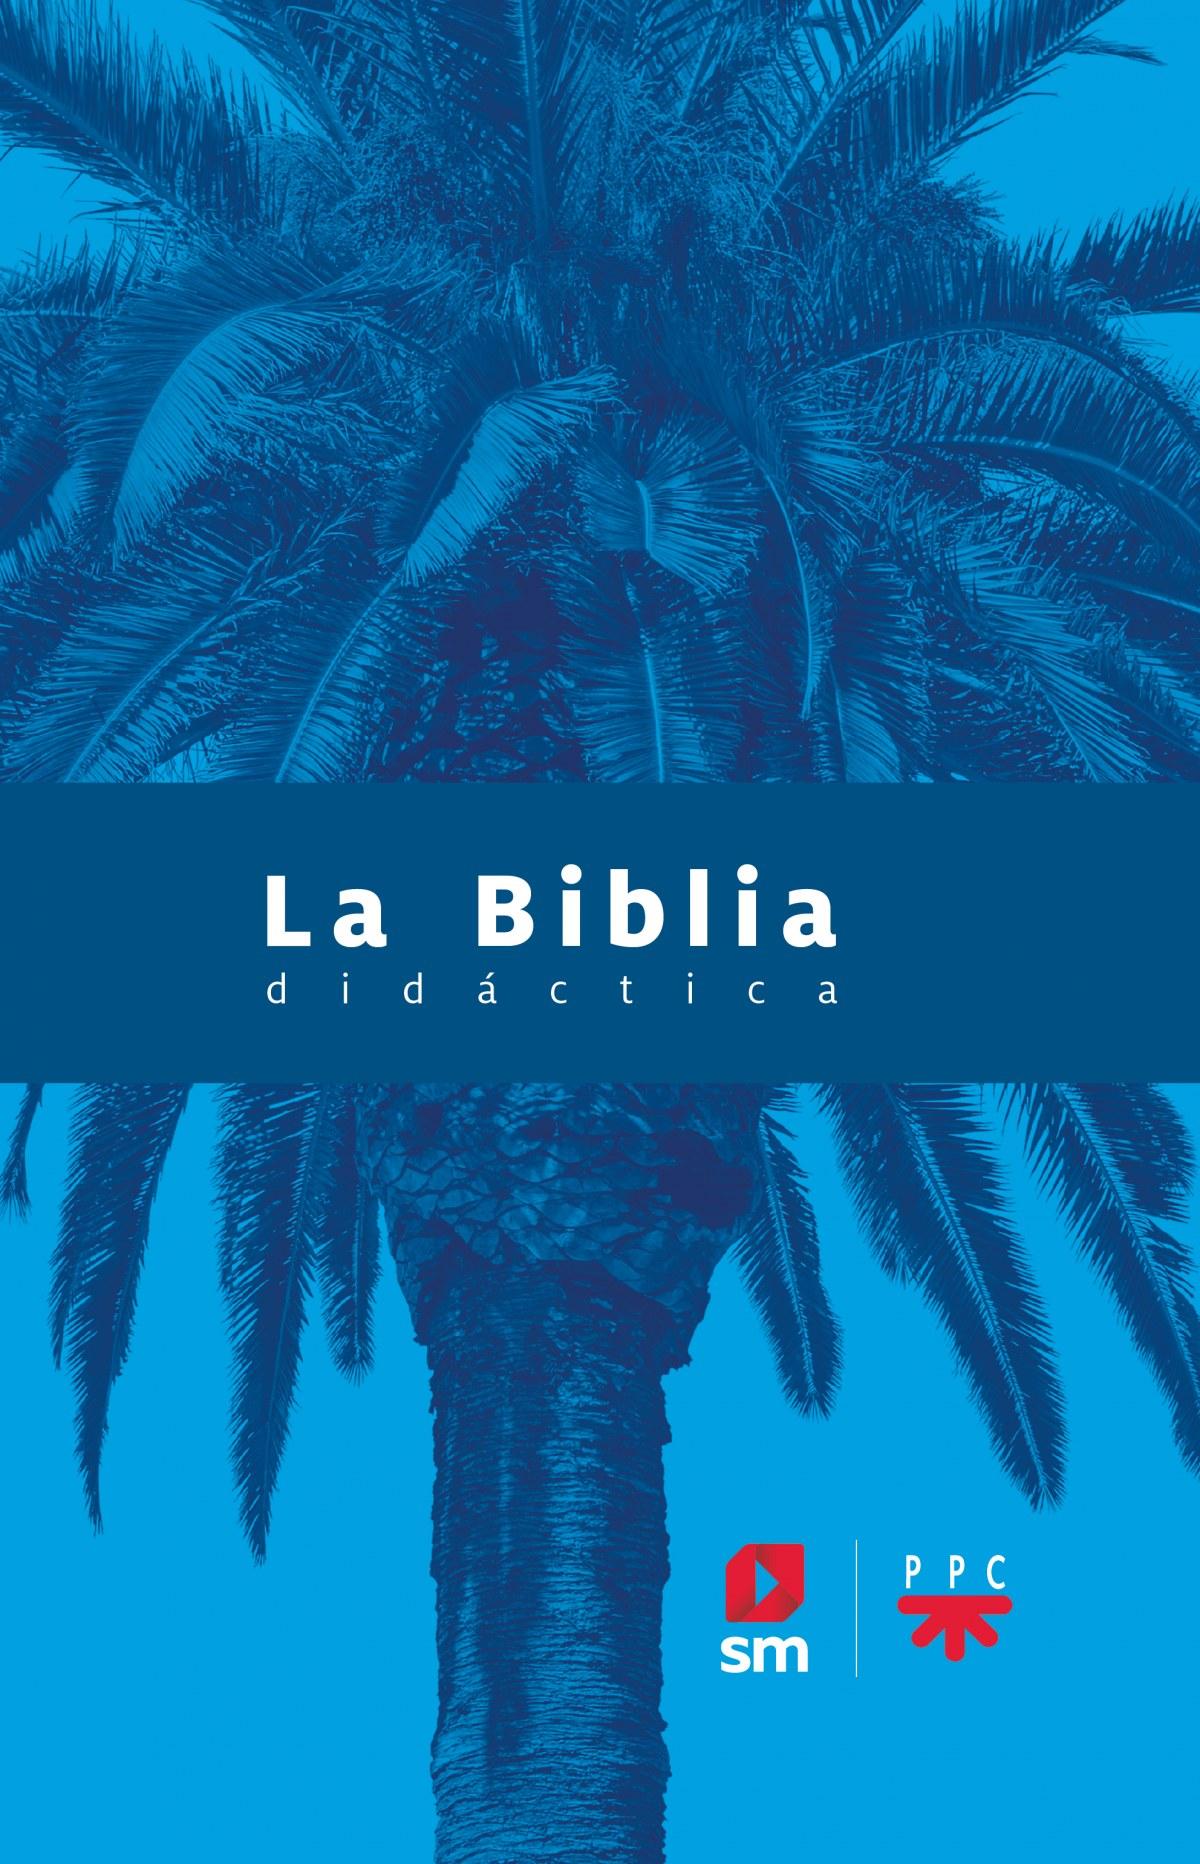 La Biblia didáctica - 2020 9788413183039